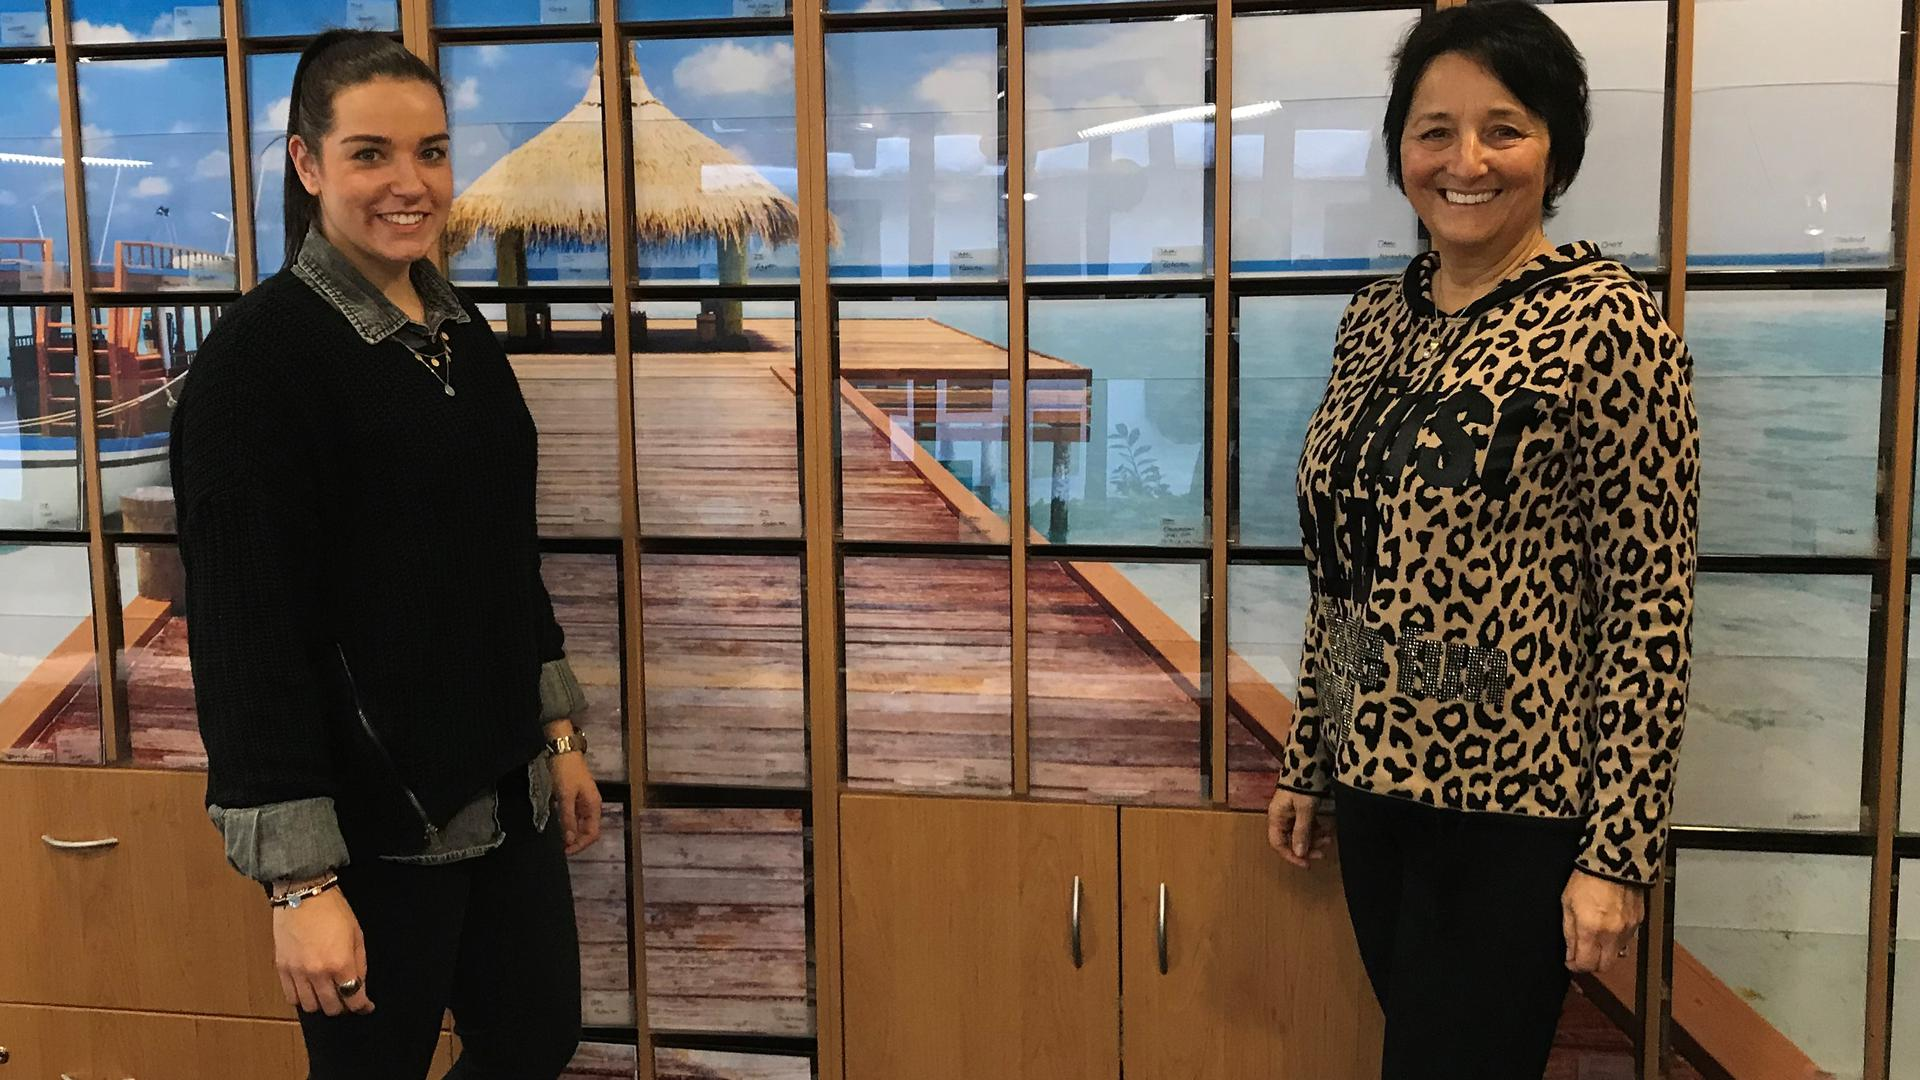 Zwei Frauen vor einem Urlaubsmotiv in einem Reisebüro.